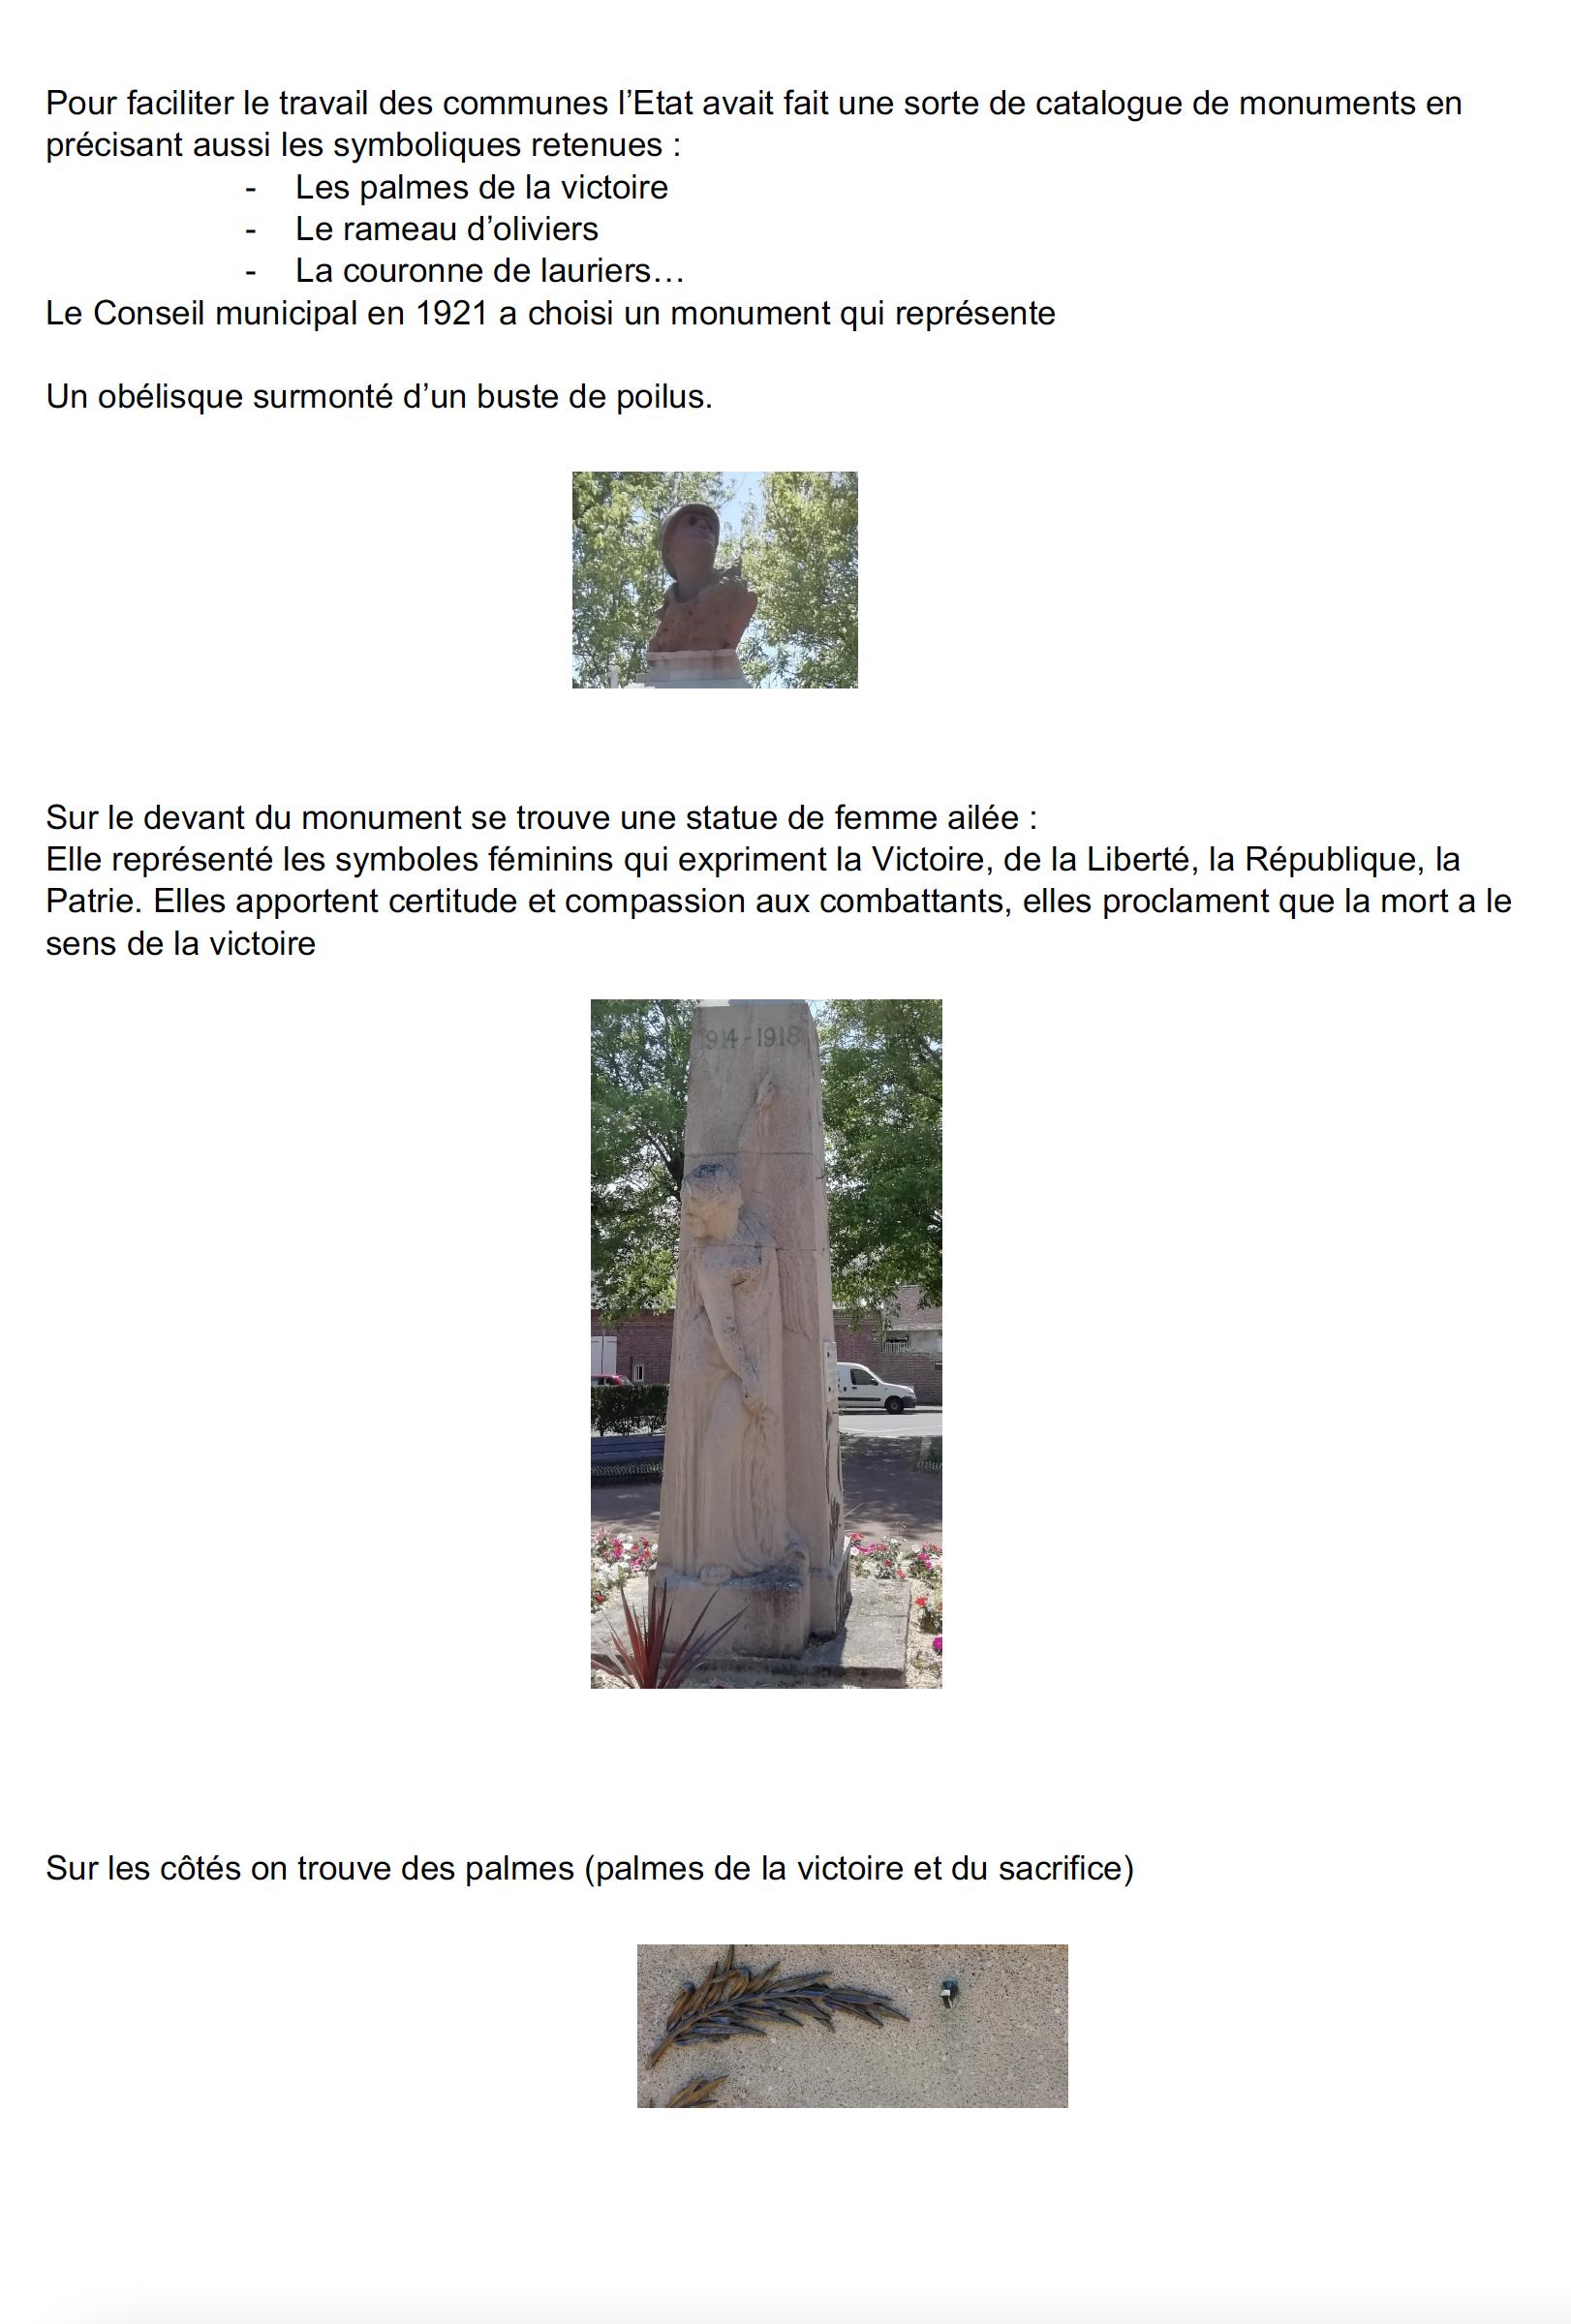 MONUMENT AUX MORTS P2.png